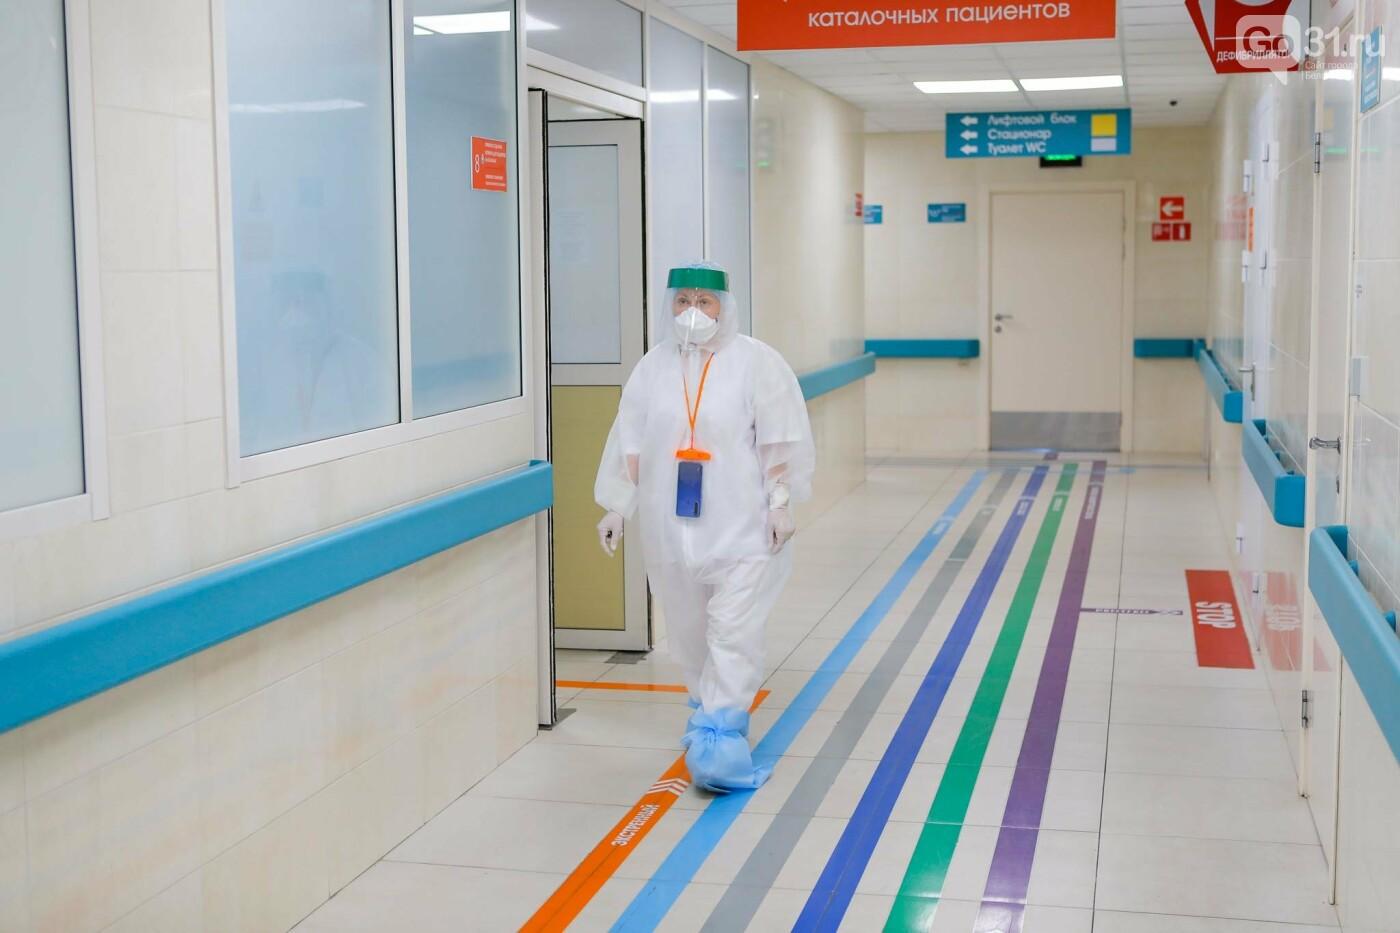 Что происходит в ковид-госпитале Белгорода. Фоторепортаж из «красной» зоны, фото-61, Фото: Антон Вергун